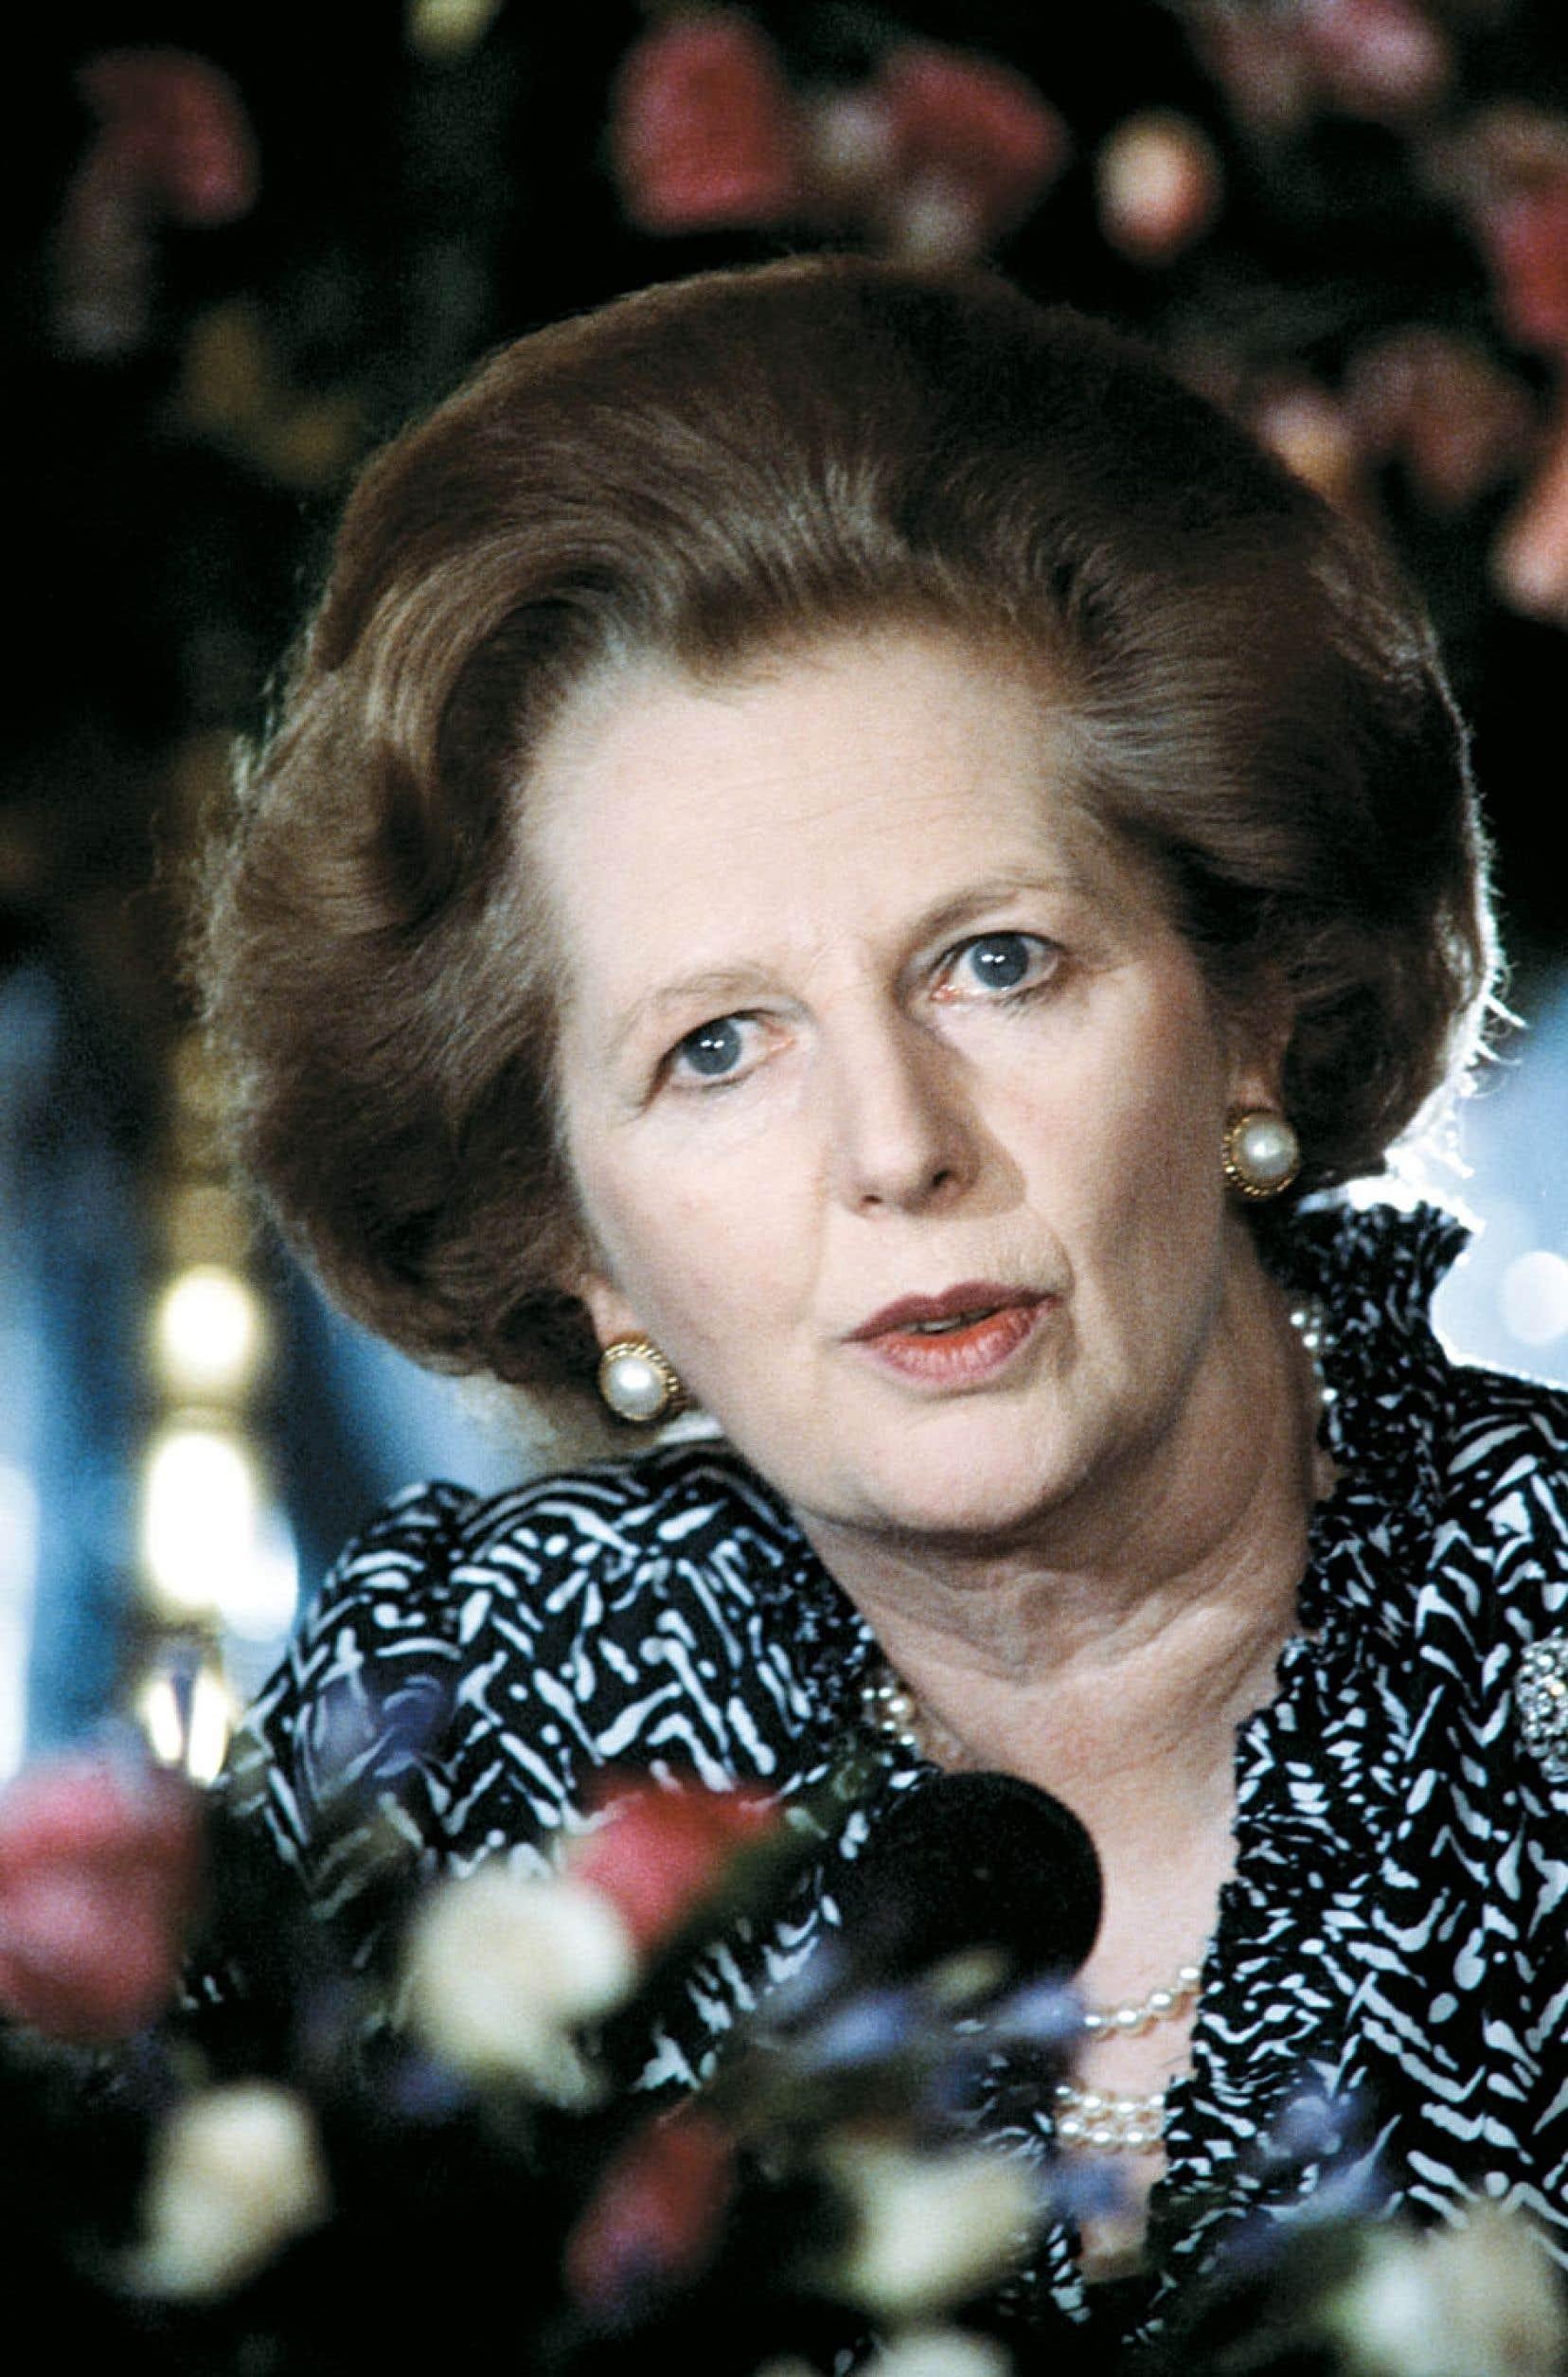 Seule femme à avoir dirigé le Royaume-Uni, Margaret Thatcher, qu'on appelait la « Dame de fer » en raison de la rigidité de ses politiques néolibérales, est morte lundi à 87 ans à la suite d'un accident vasculaire cérébral, plus de vingt-deux ans après avoir quitté le 10, Downing Street. Elle est ici photographiée lors d'une visite en Israël en 1986.